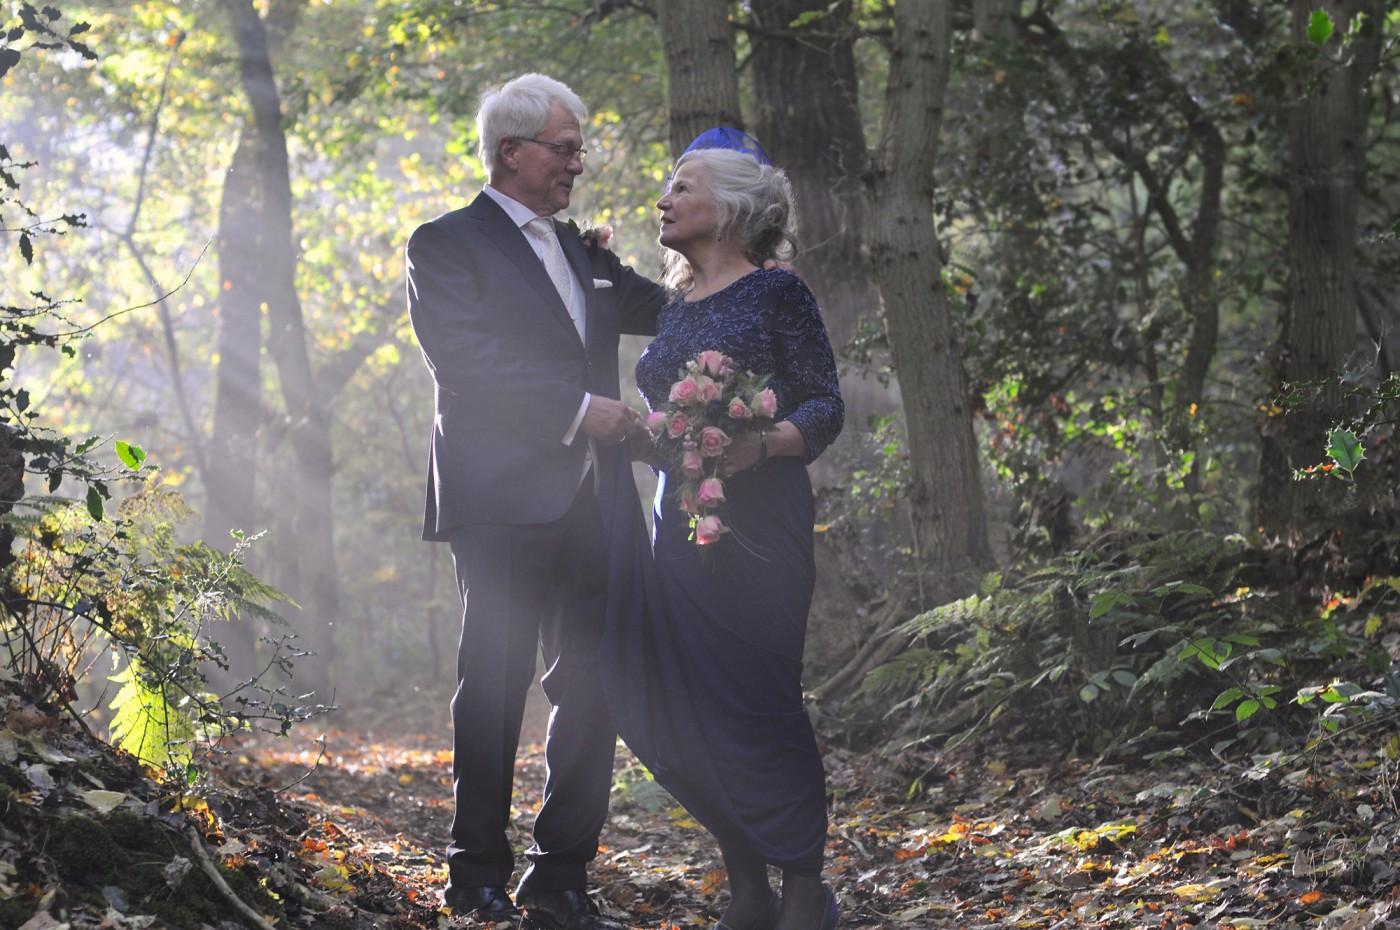 Senior wedding FB